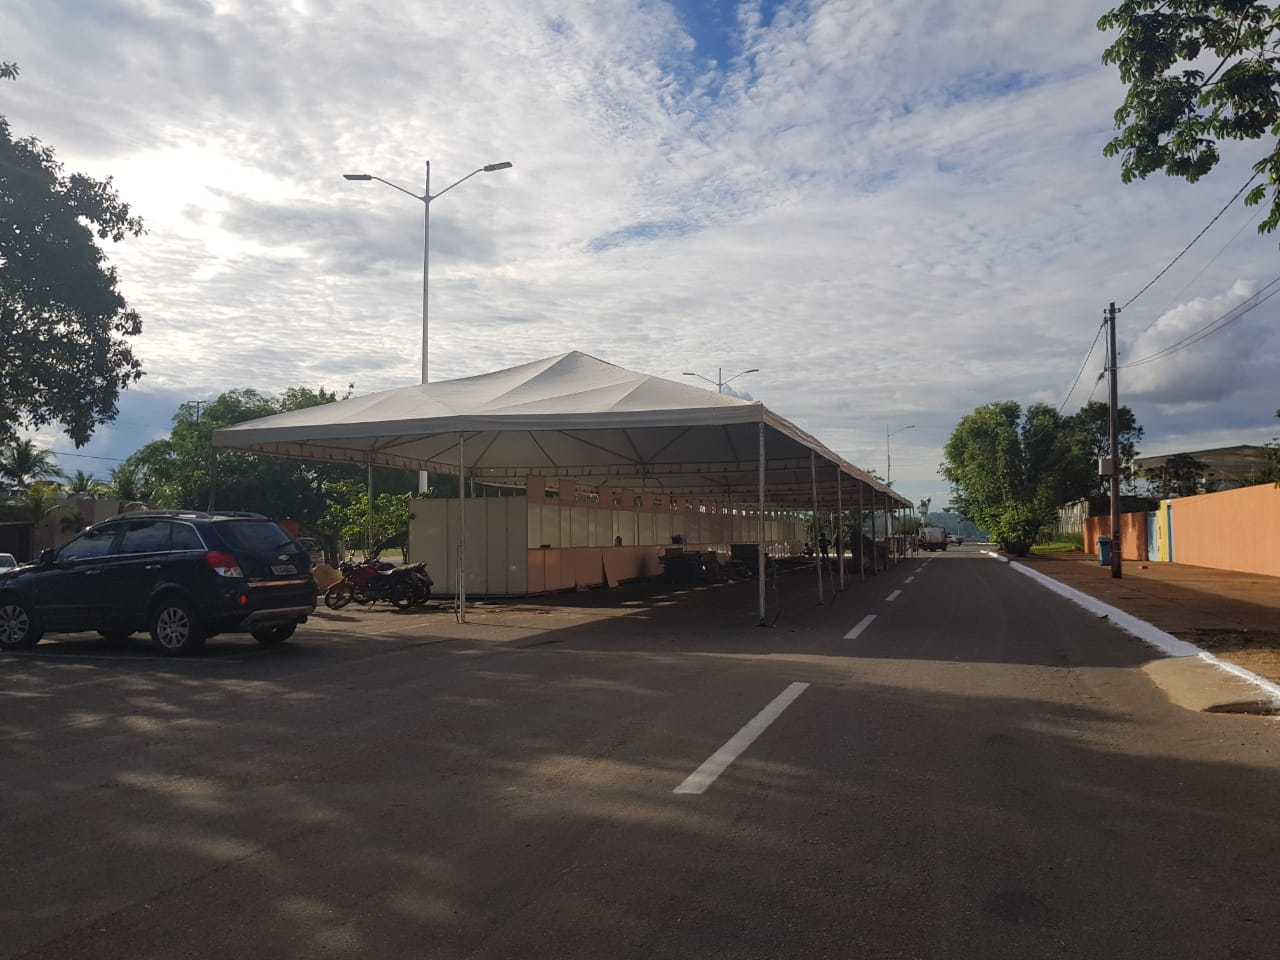 Eventos promovidos pela Prefeitura da Capital aquecem economia e garantem lazer aos palmenses